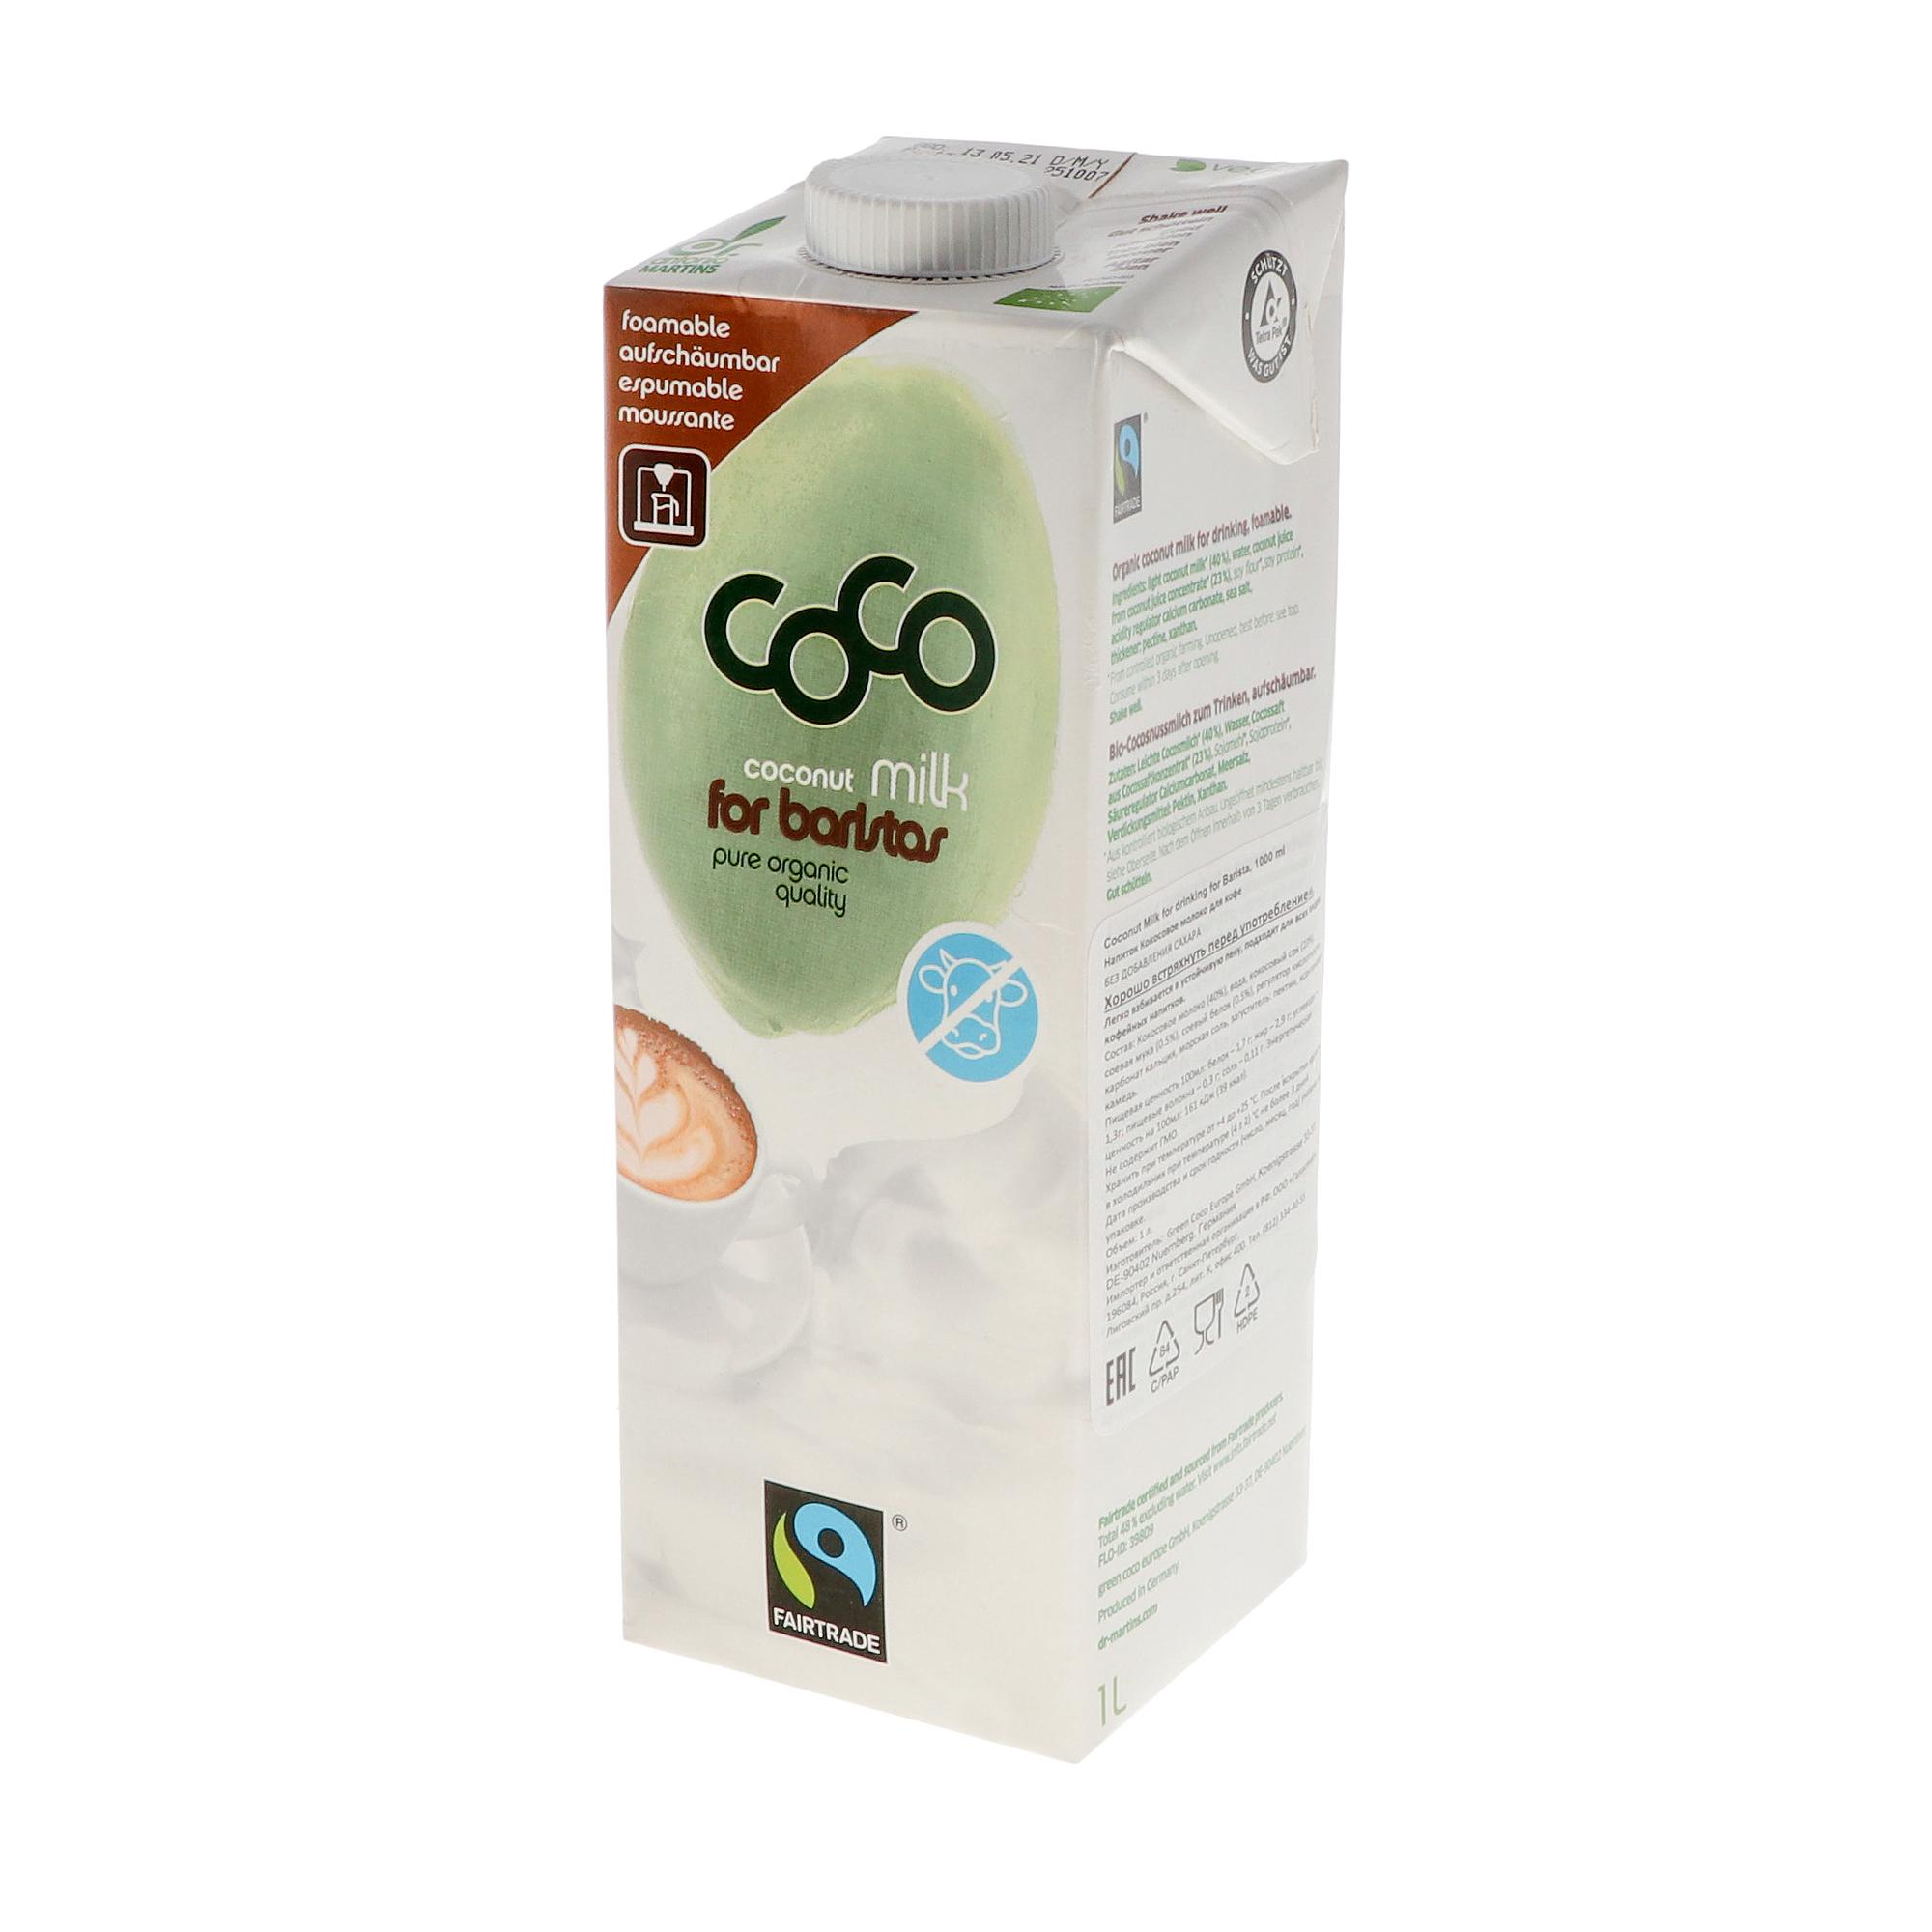 Кокосовое молоко Green Coco Europe для кофе 1 л